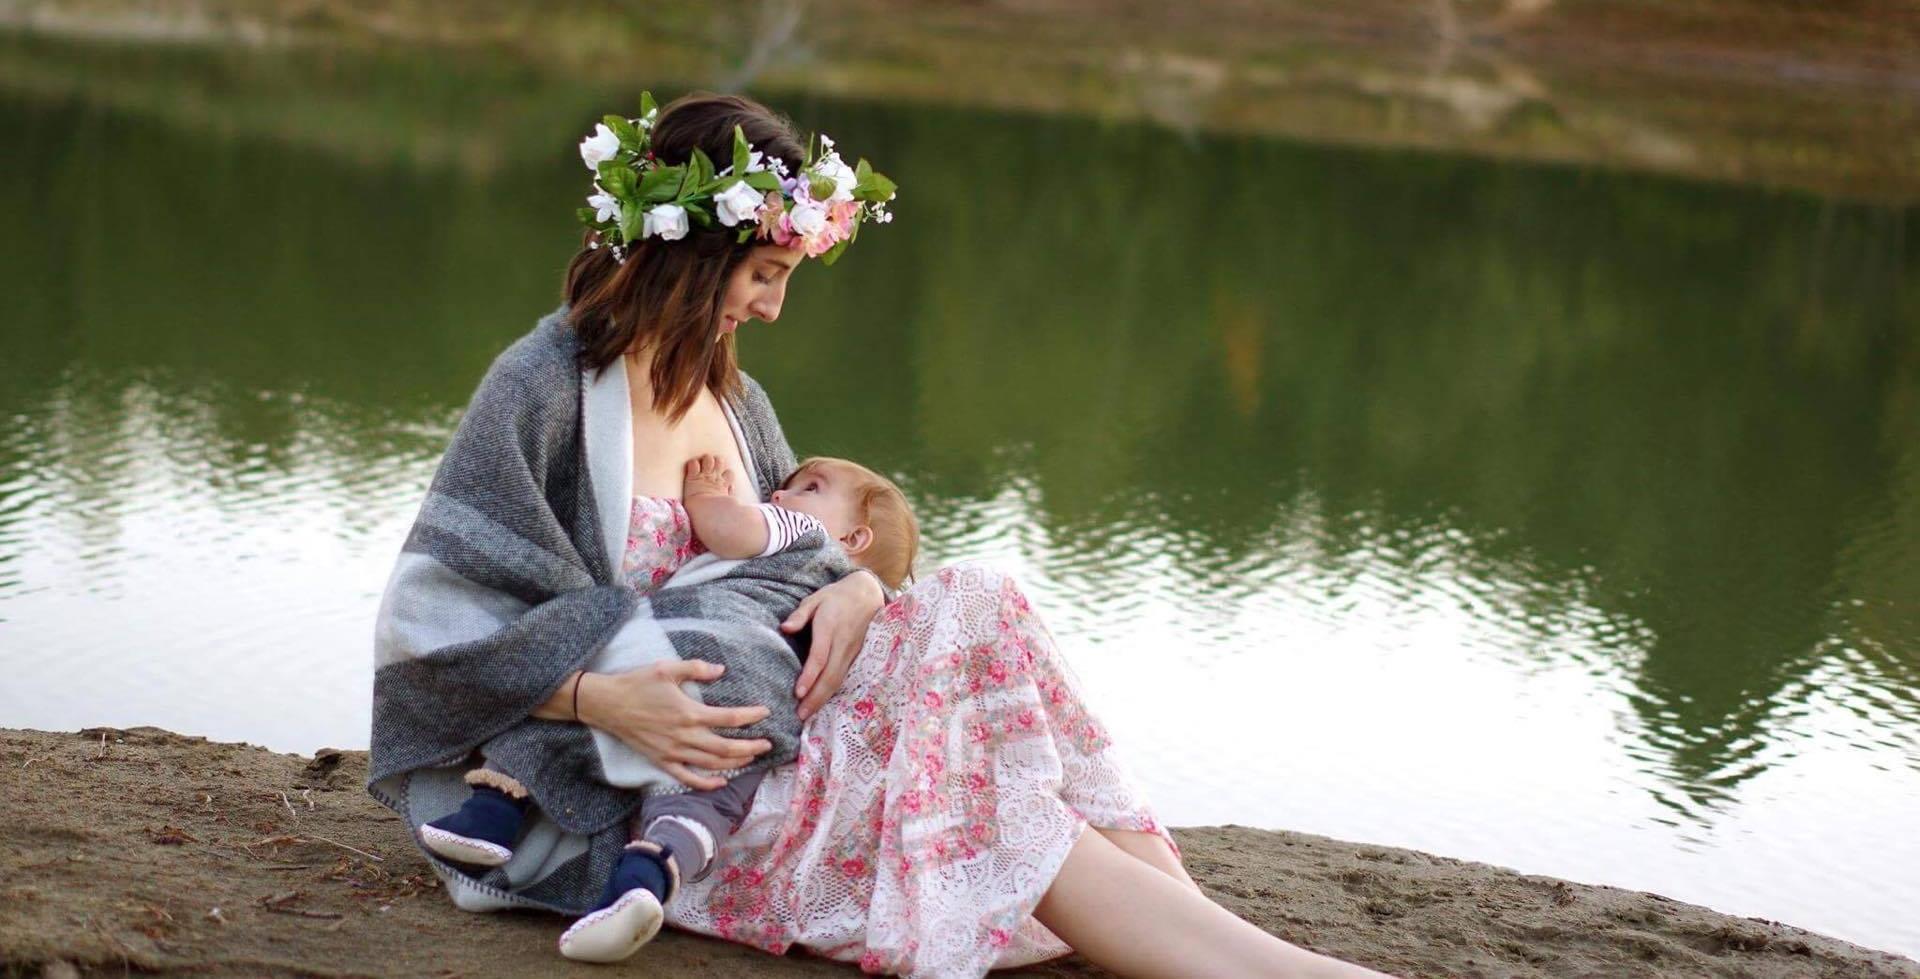 breastfeeding-2435896a